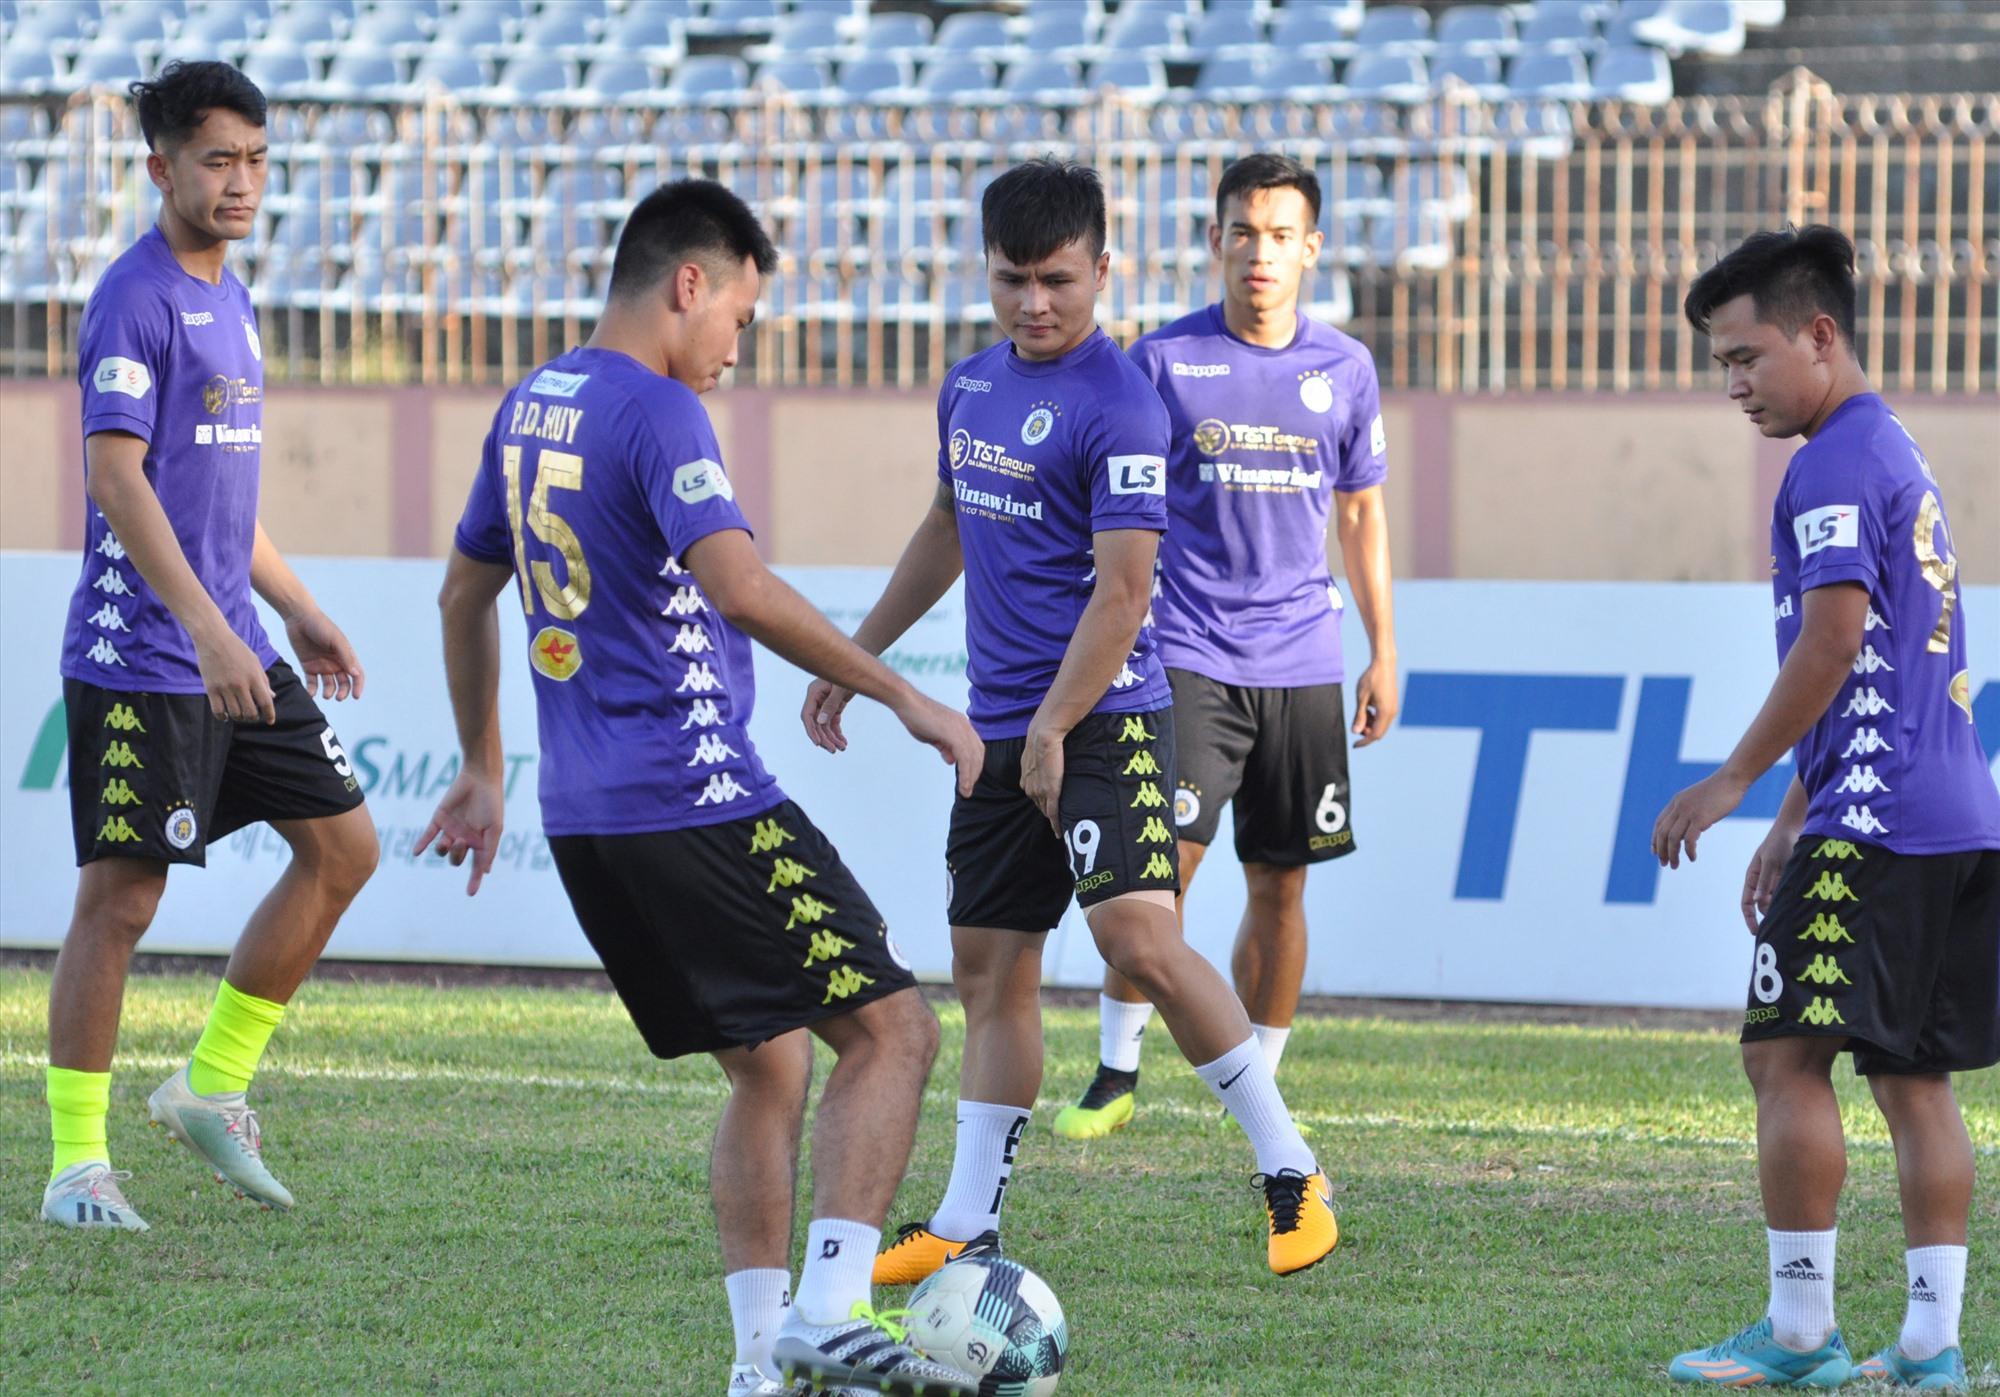 Hà Nội bất ngờ thảm bại trên sân Nam Định trong ngày khai màn V-League 2021. Ảnh: A.N